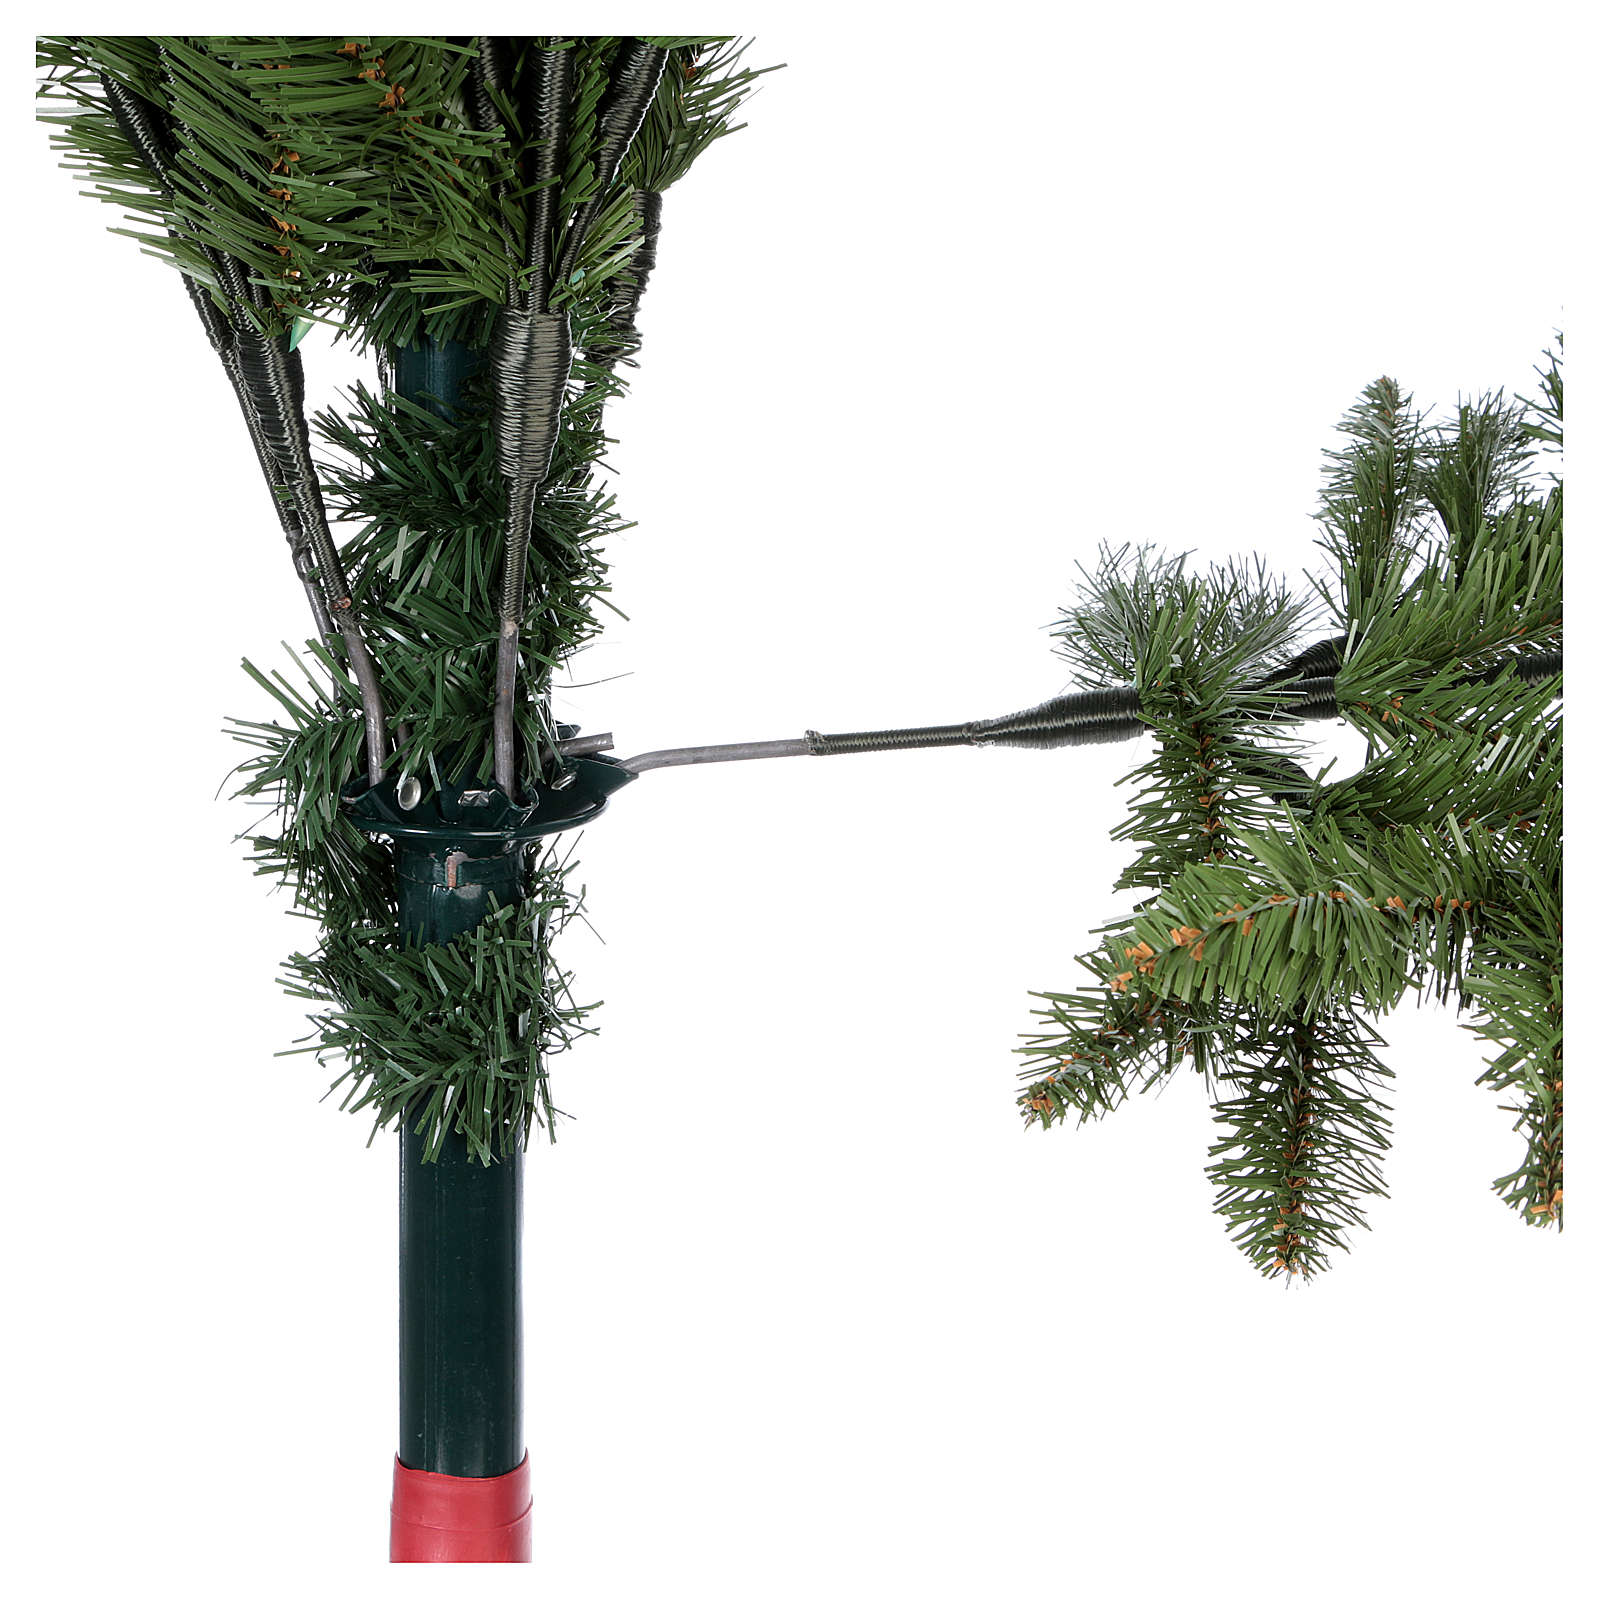 Sapin de Noël 210 cm Poly couleur vert Bloomfield Fir 3